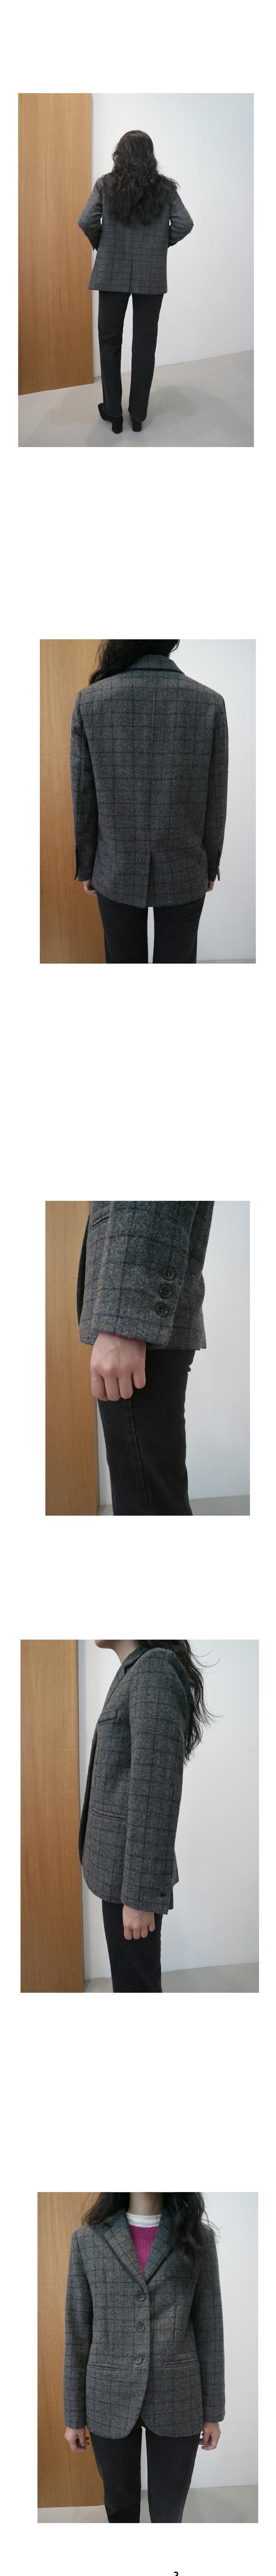 deep color wool plaid jacket